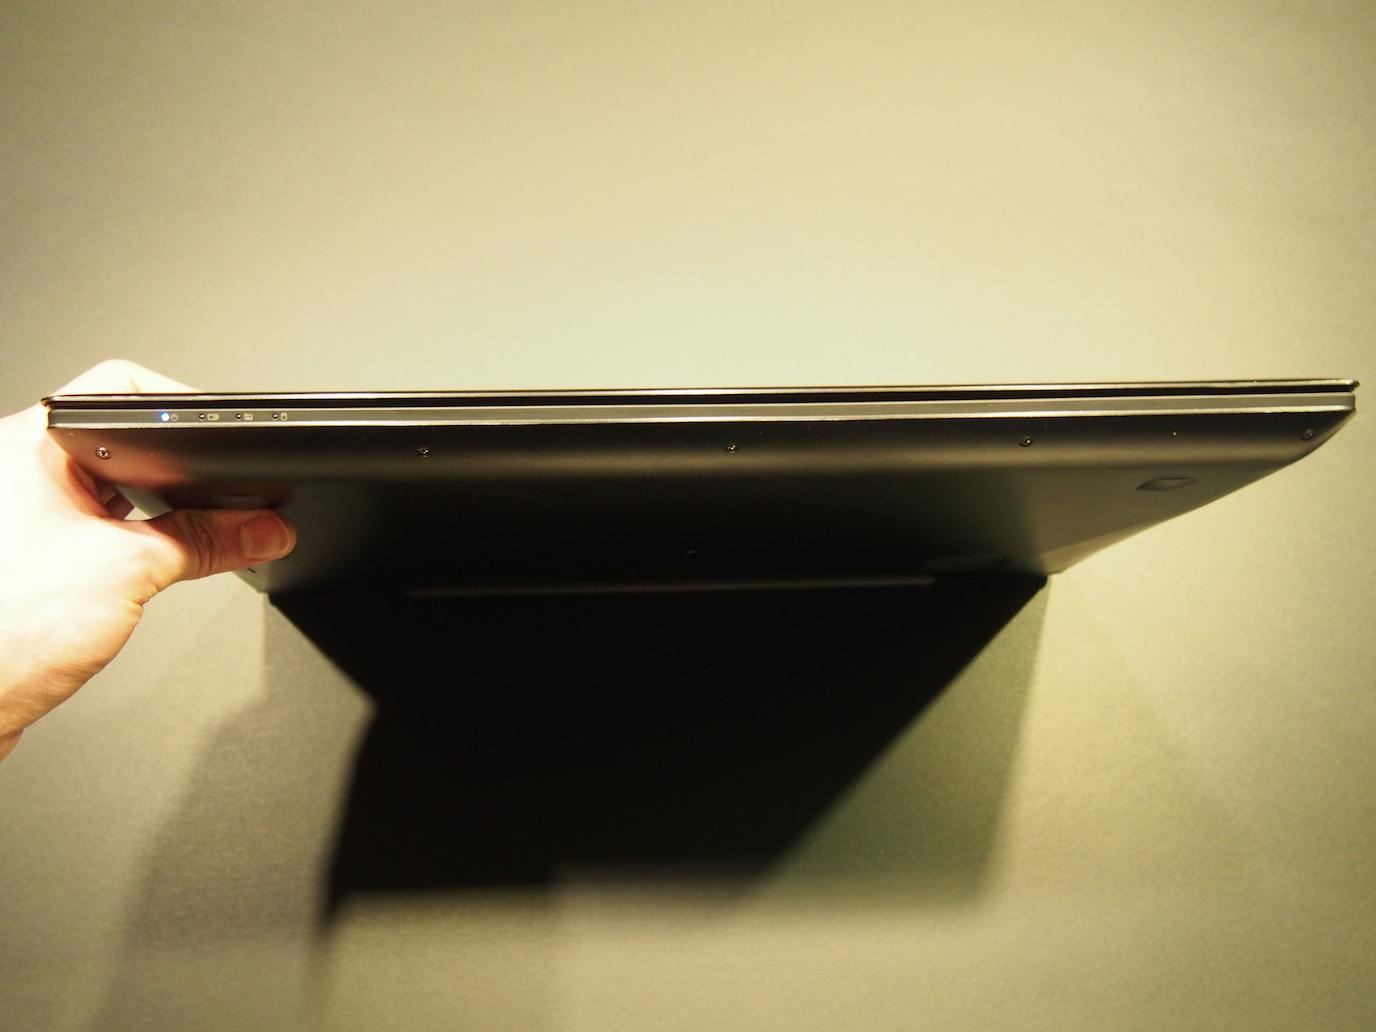 Lenovo IdeaPad Y50 teszt